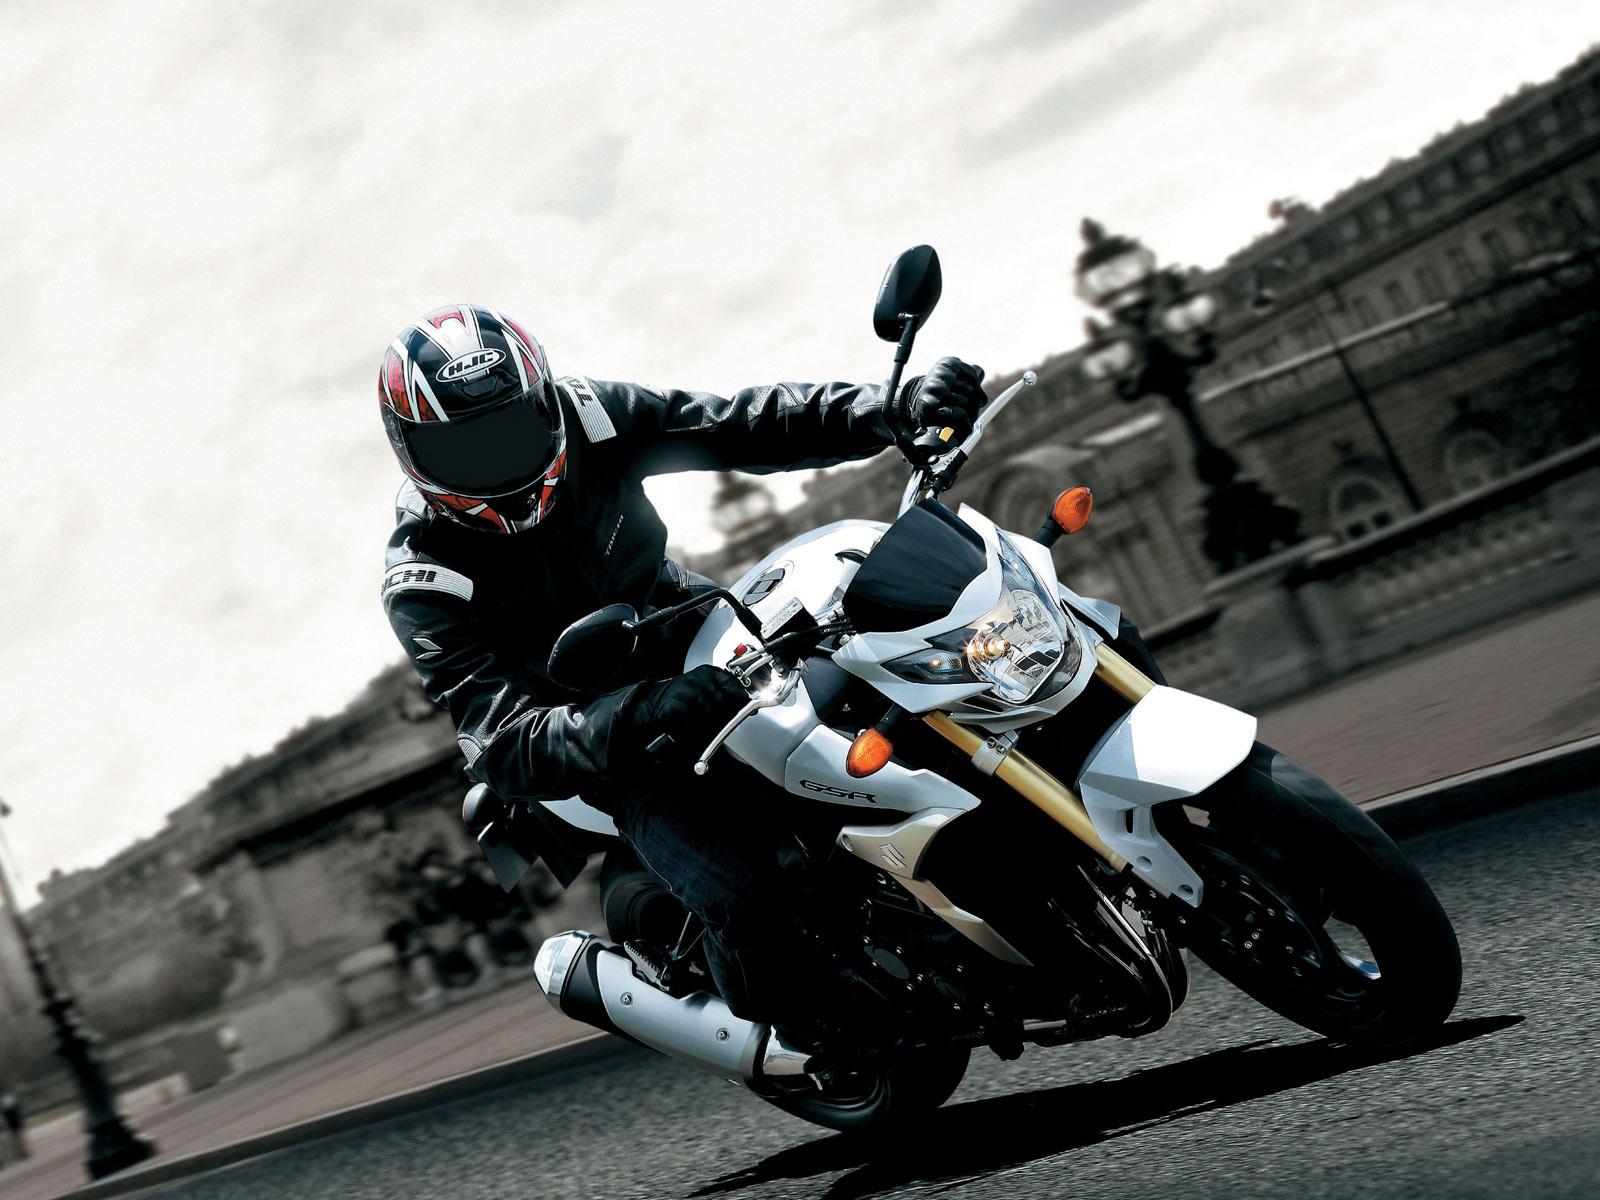 http://4.bp.blogspot.com/-1B1mWuObQjA/TkhWQ3eMM0I/AAAAAAAAAgU/NLoa-_I-7lU/s1600/Suzuki_GSR_750_2011_02.jpg